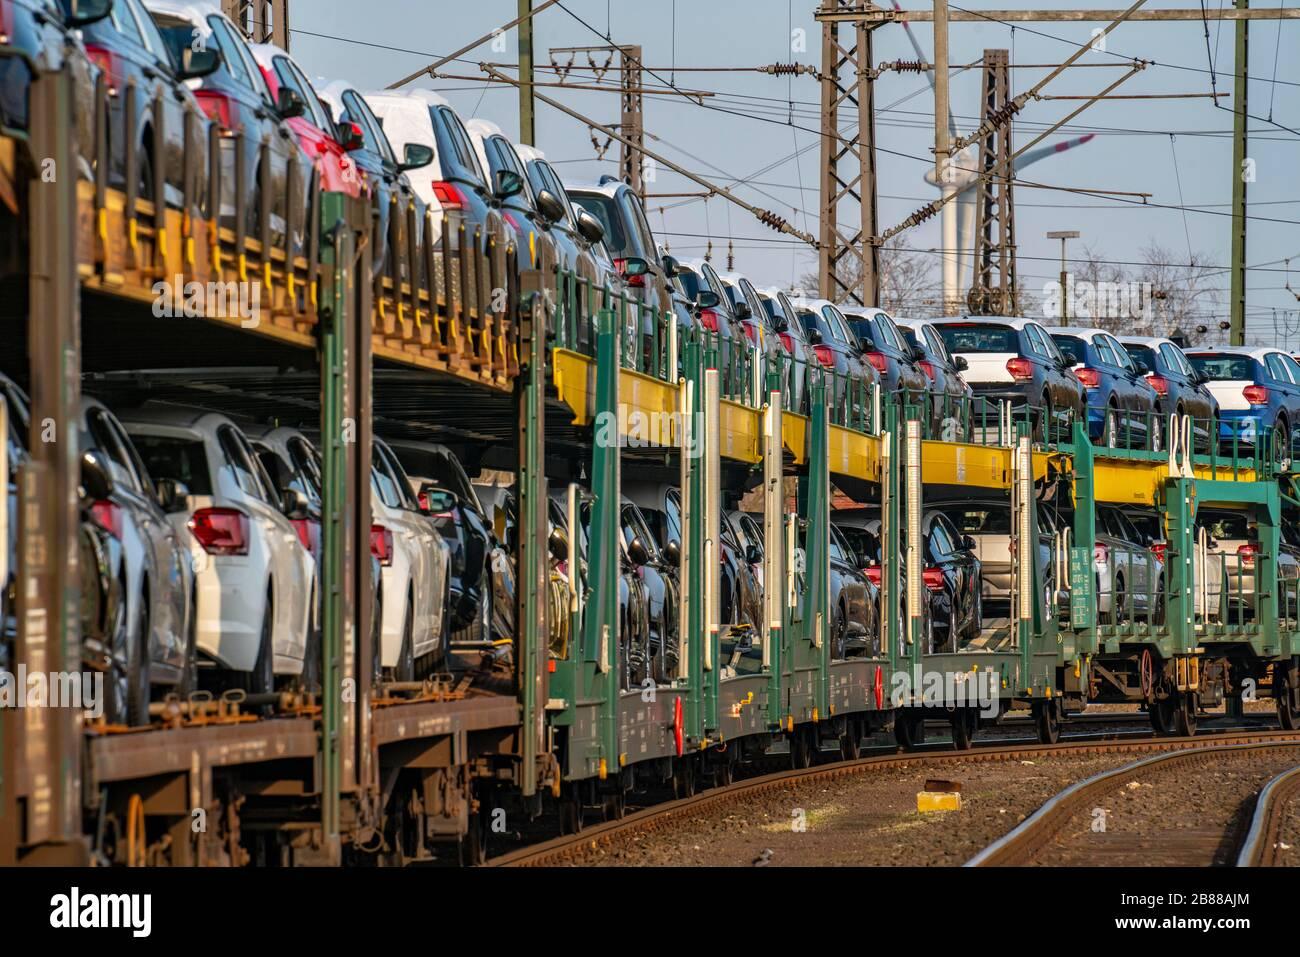 VW Werk, Emden, Neuwagen, Autotransporter, Autozug, Güterzug, mit VW Fahrzeugen, Niedersachsen, Deutschland, Stock Photo